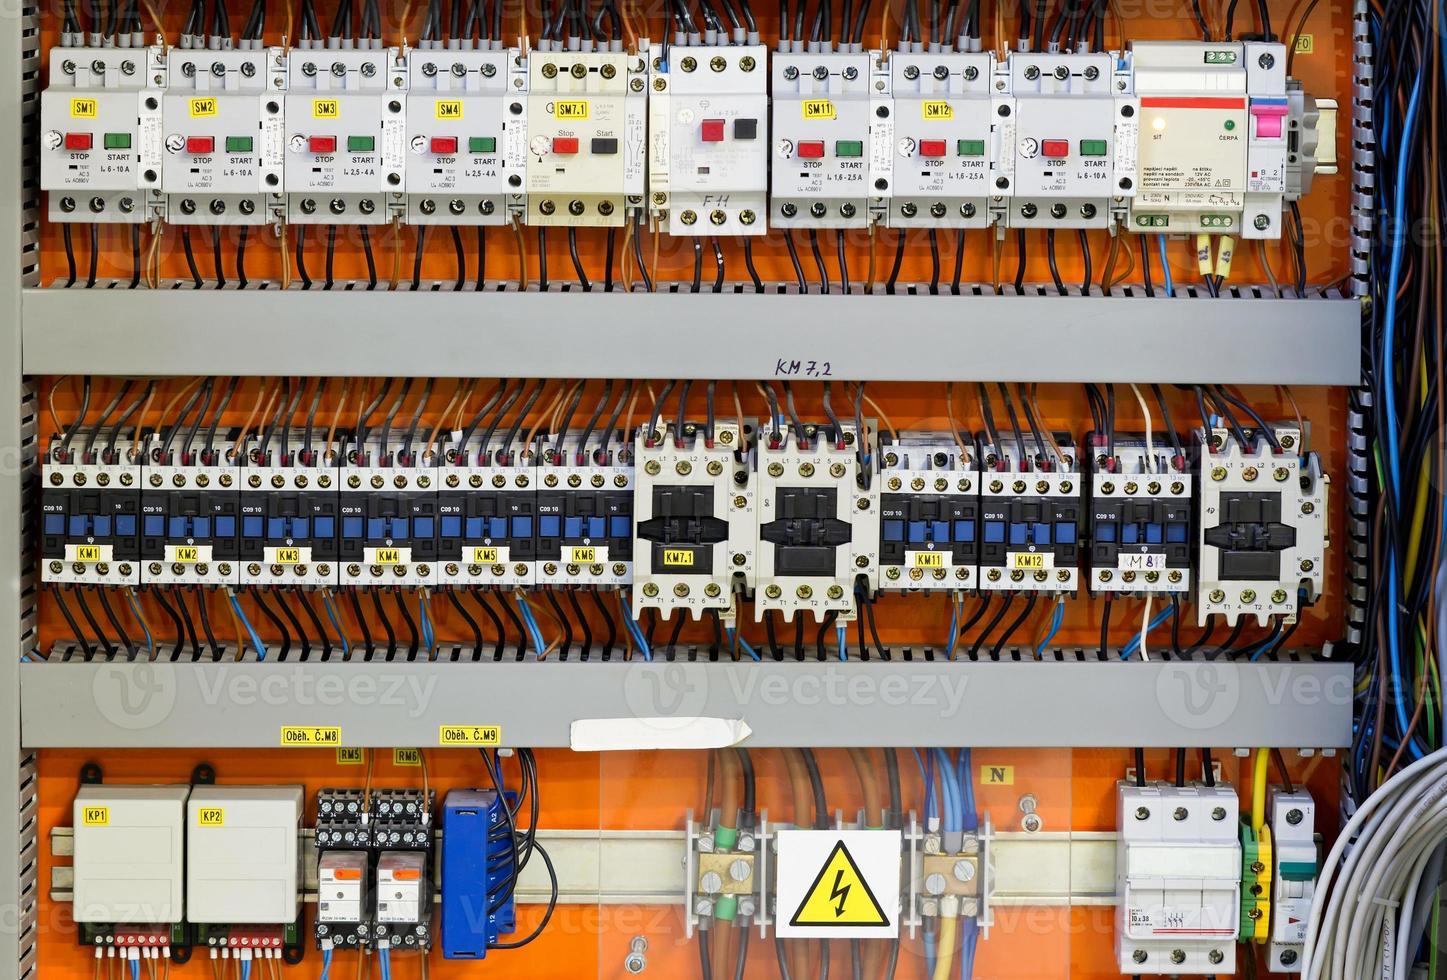 panel de control con medidores de energía estática y disyuntores (fusible) foto